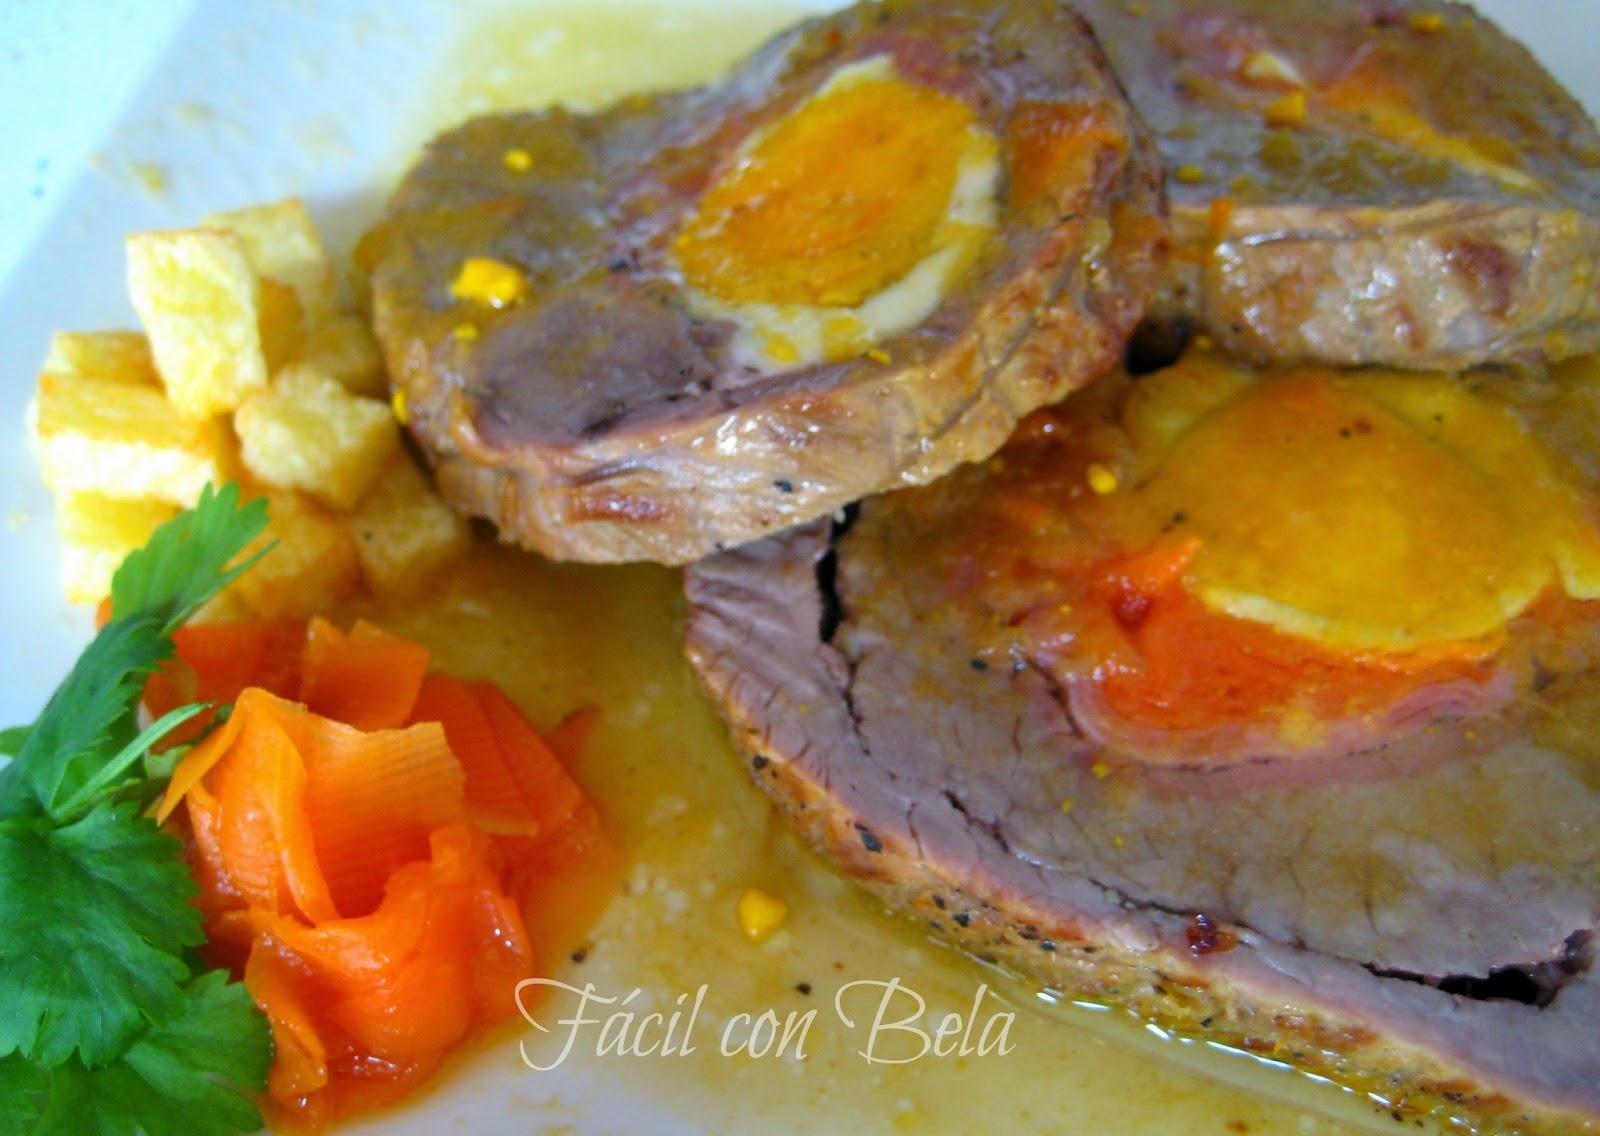 Recetas f cil con bela rollo de carne relleno - Salsa para relleno de carne ...